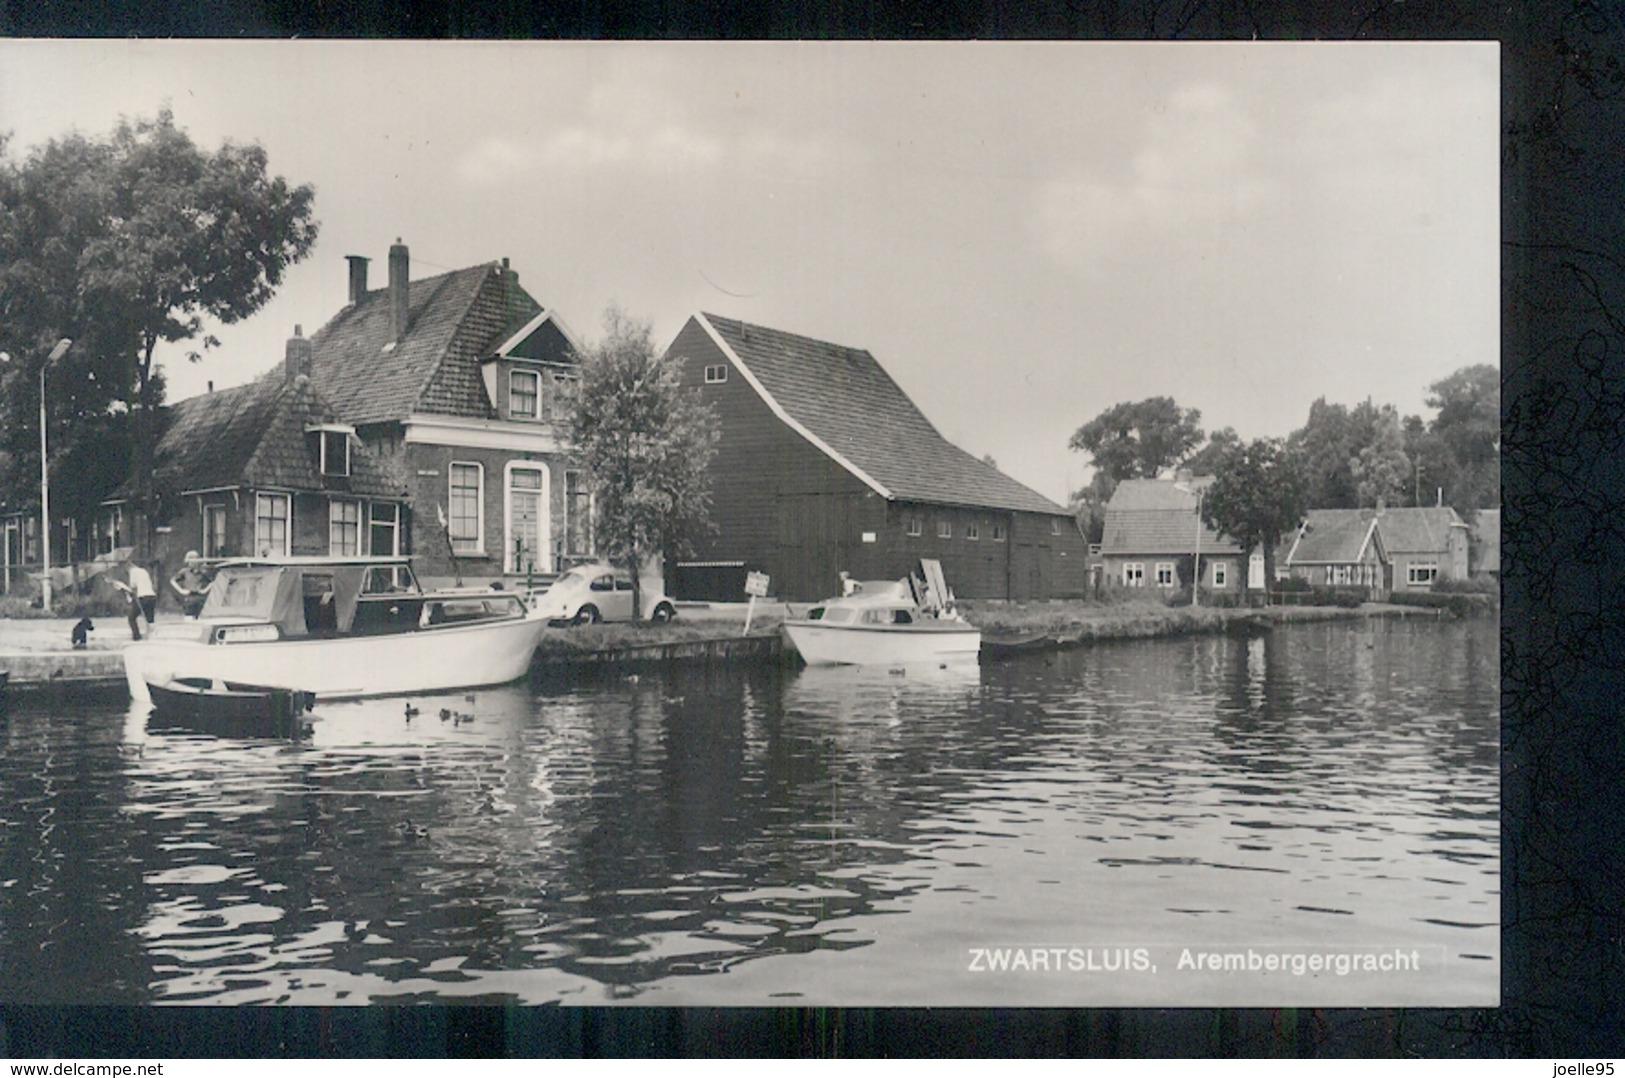 Zwartsluis - Arembergergracht - 1960 - Nederland